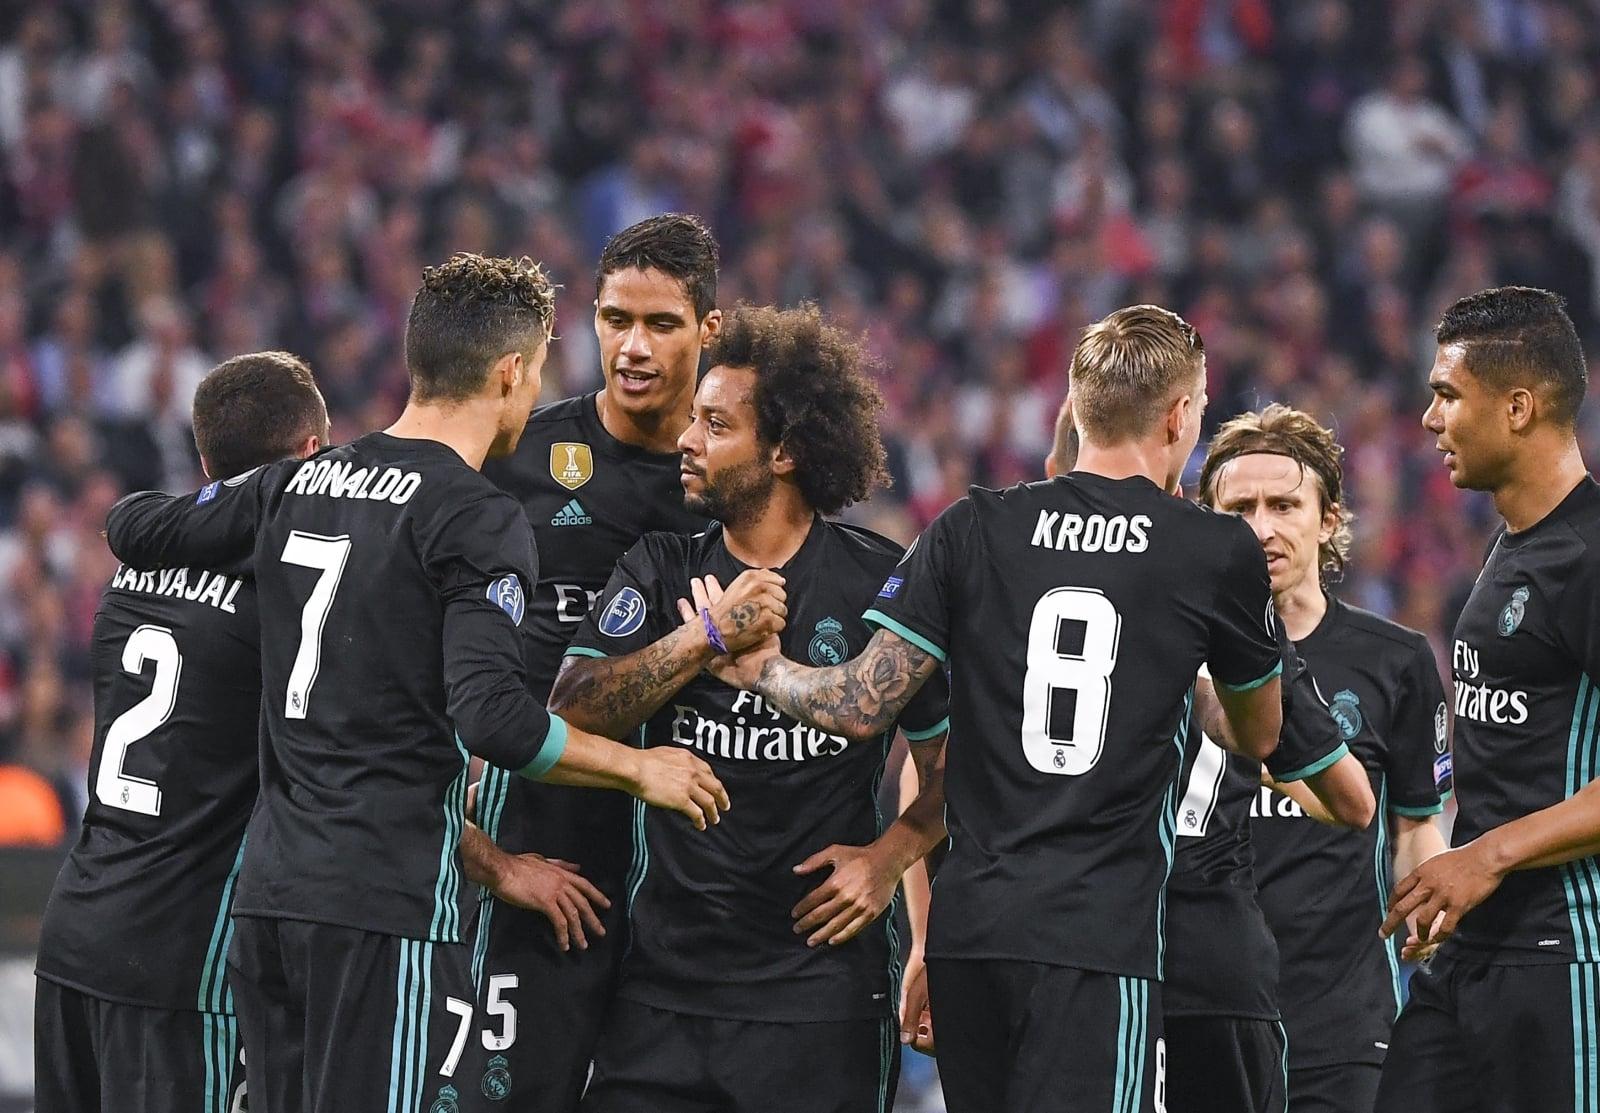 Piłkarze Realu Madryt cieszą się po zdobyciu gola ma 1:1 w meczu półfinałowym Ligi Mistrzów.